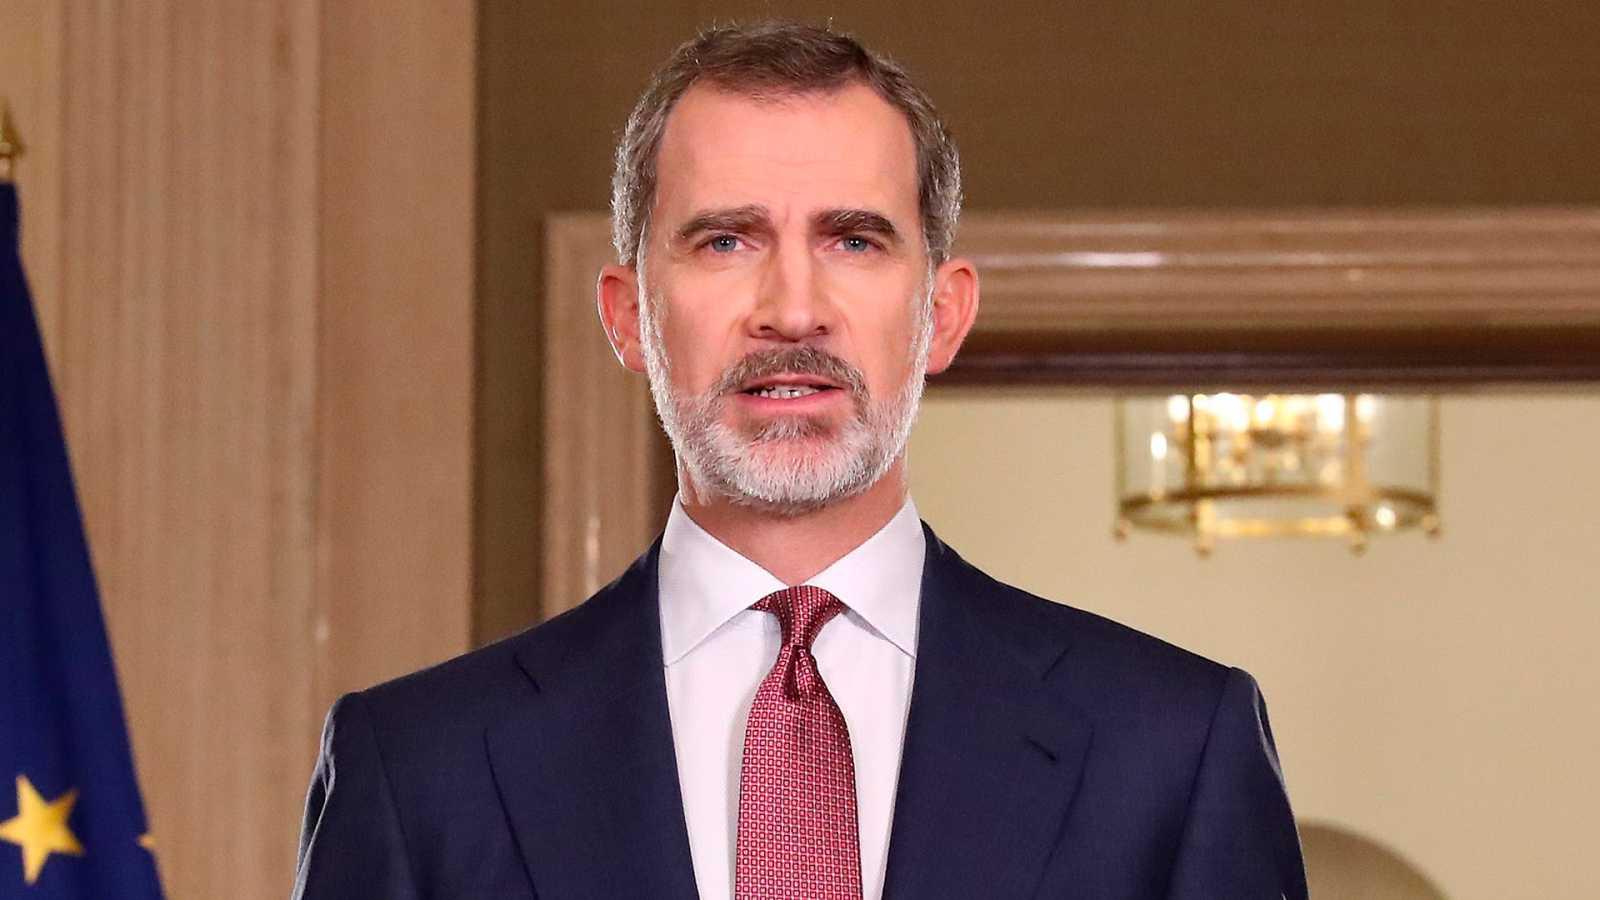 """El rey, ante la crisis del coronavirus: """"Vamos a dar ejemplo una vez más de responsabilidad y sentido del deber"""""""